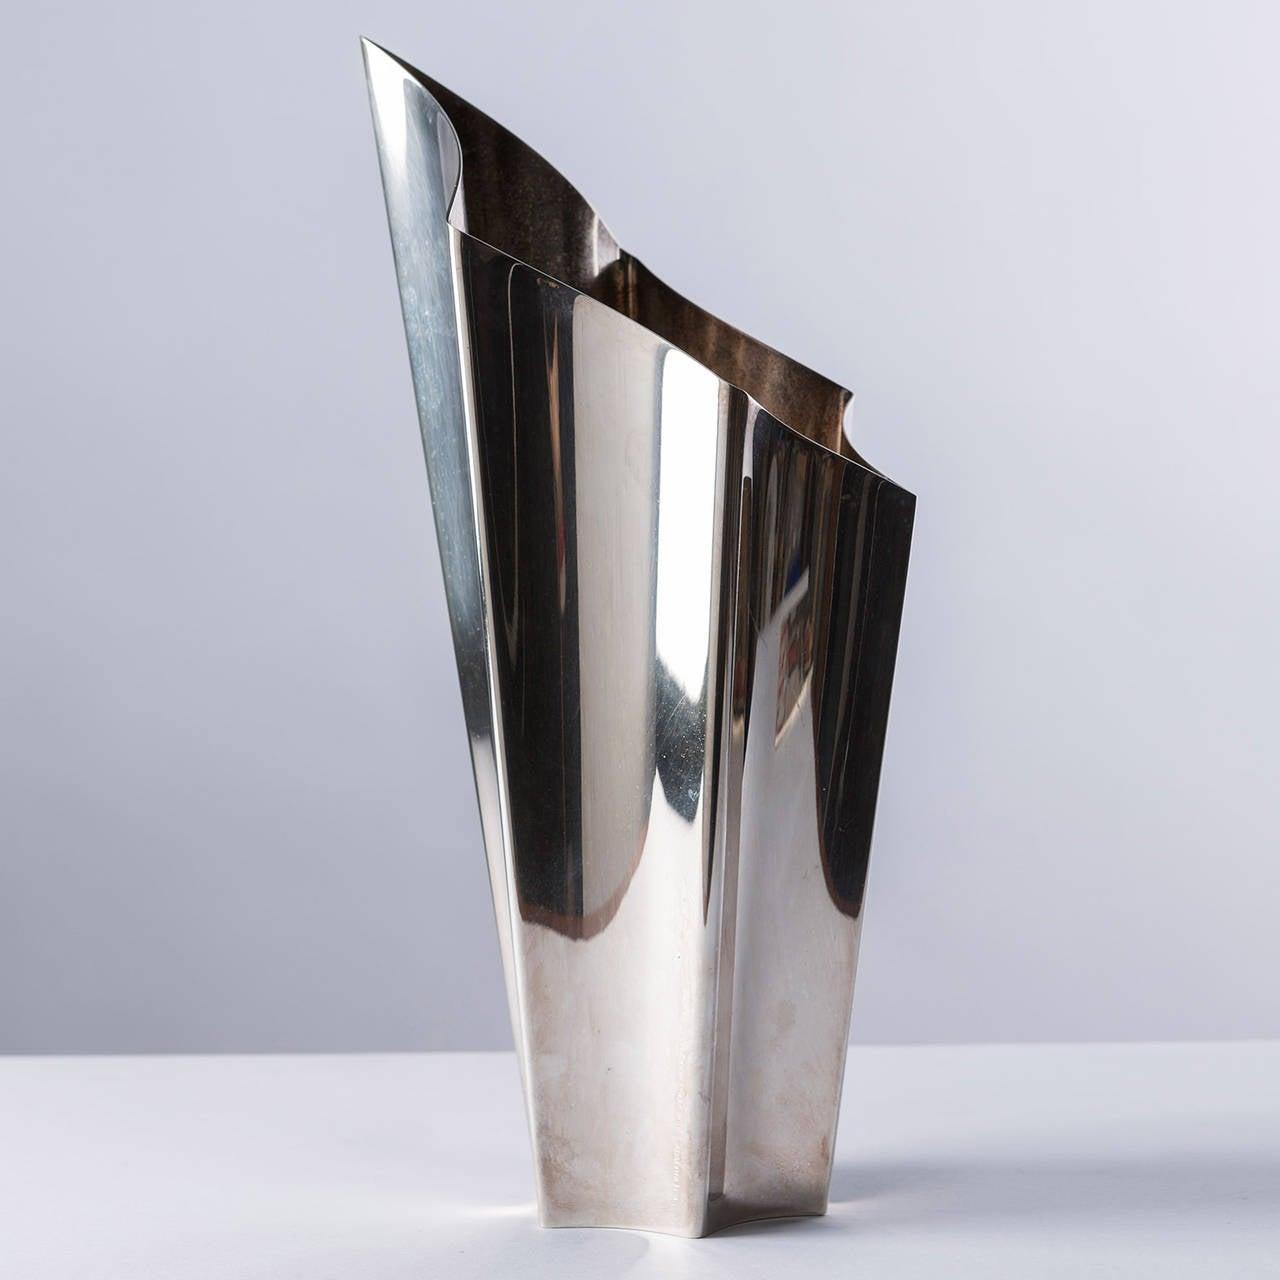 alaska silver plated vase by lino sabattini for. Black Bedroom Furniture Sets. Home Design Ideas